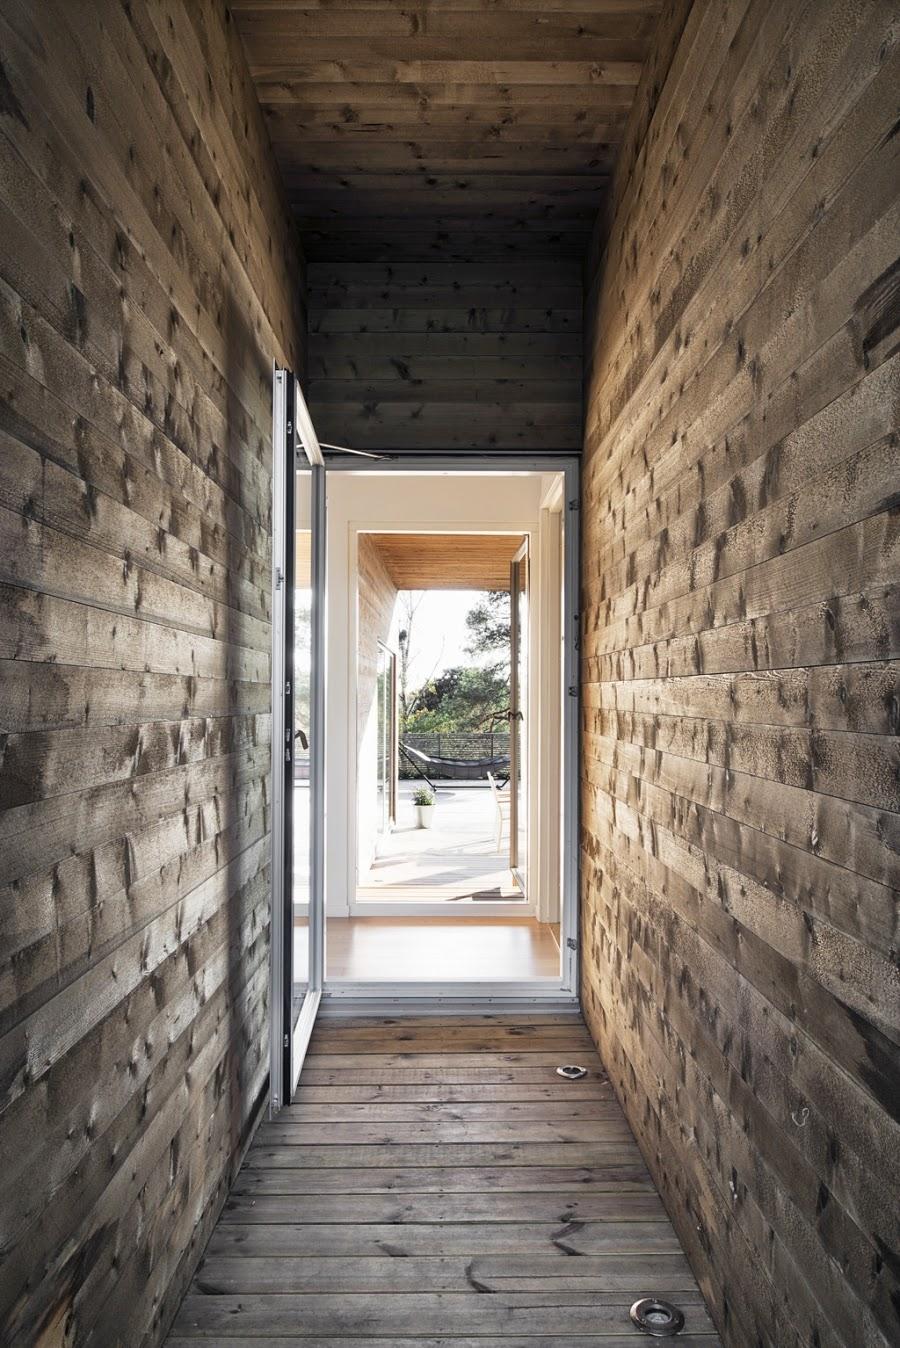 wystrój wnętrz, wnętrza, home decor, styl nowoczesny, nowoczesne wnętrza, białe wnętrza